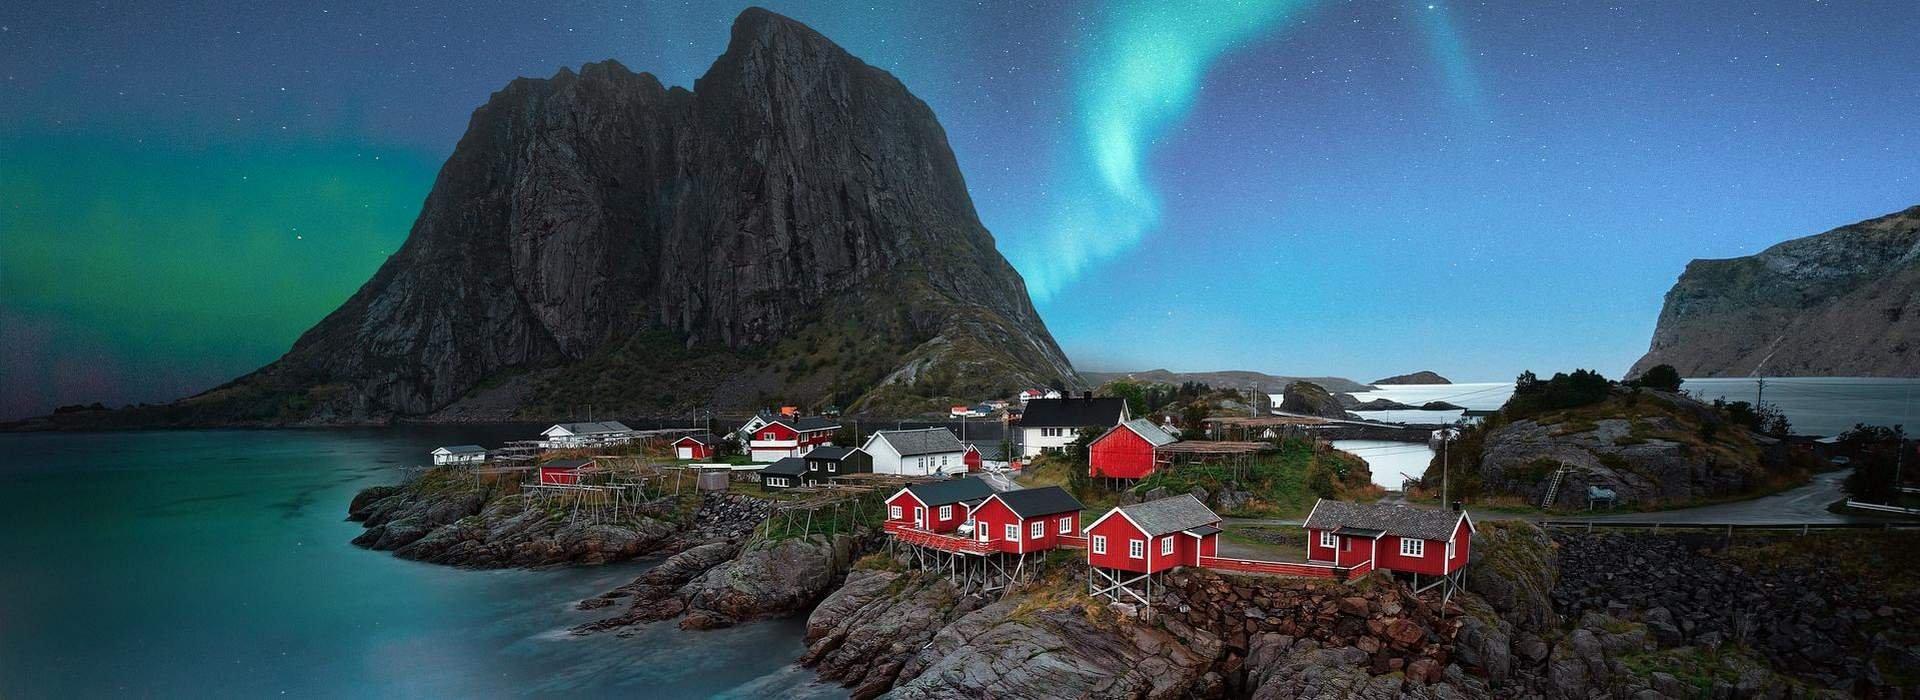 Voyage sur-mesure, Norvège